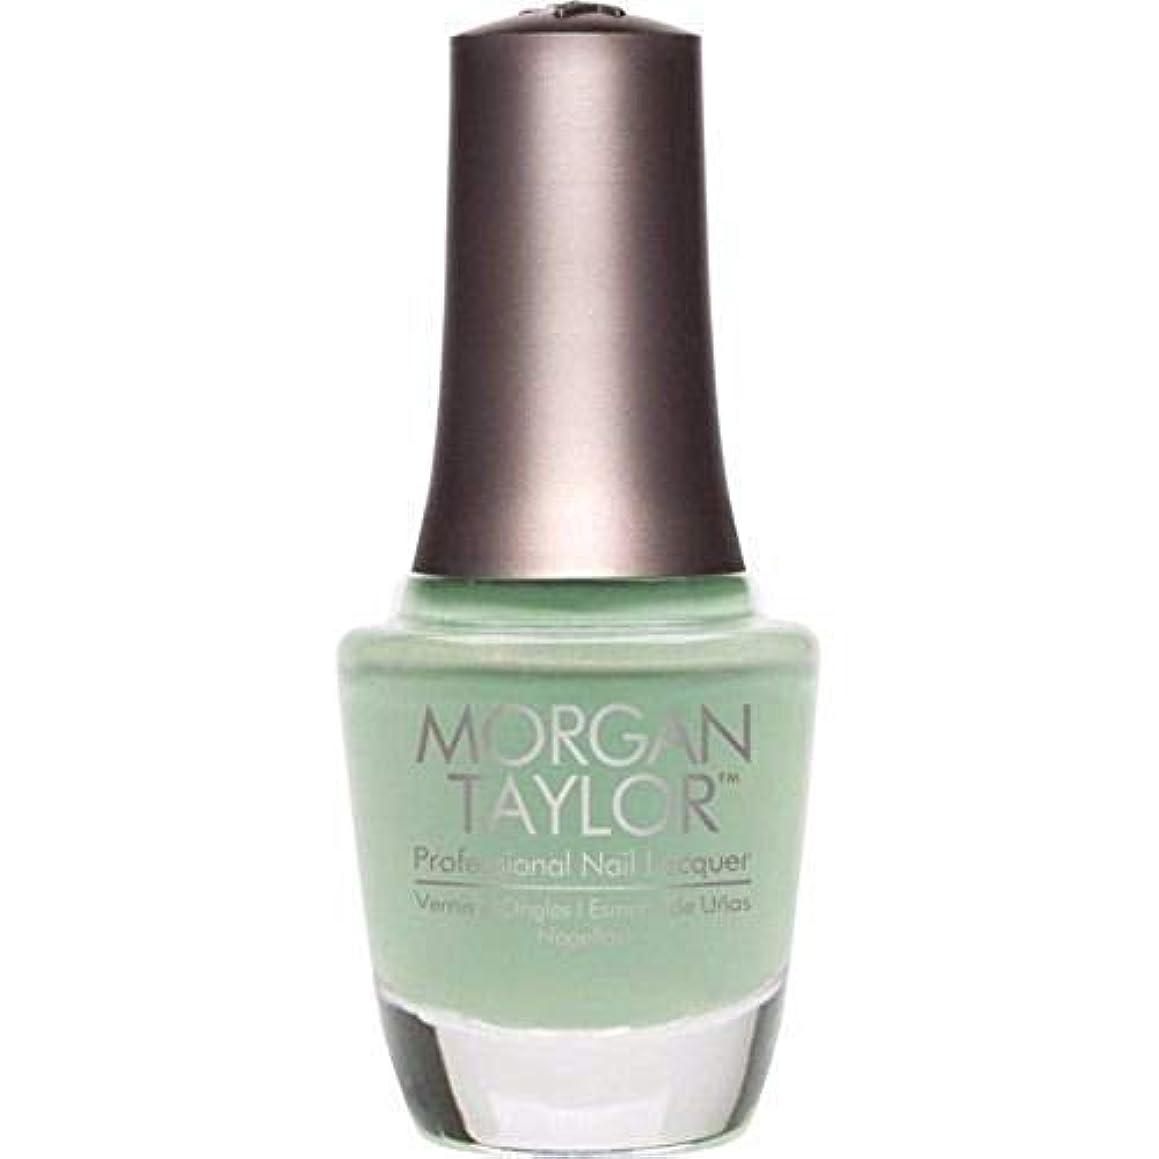 Morgan Taylor - Professional Nail Lacquer - Do You Harajuku? - 15 mL / 0.5oz